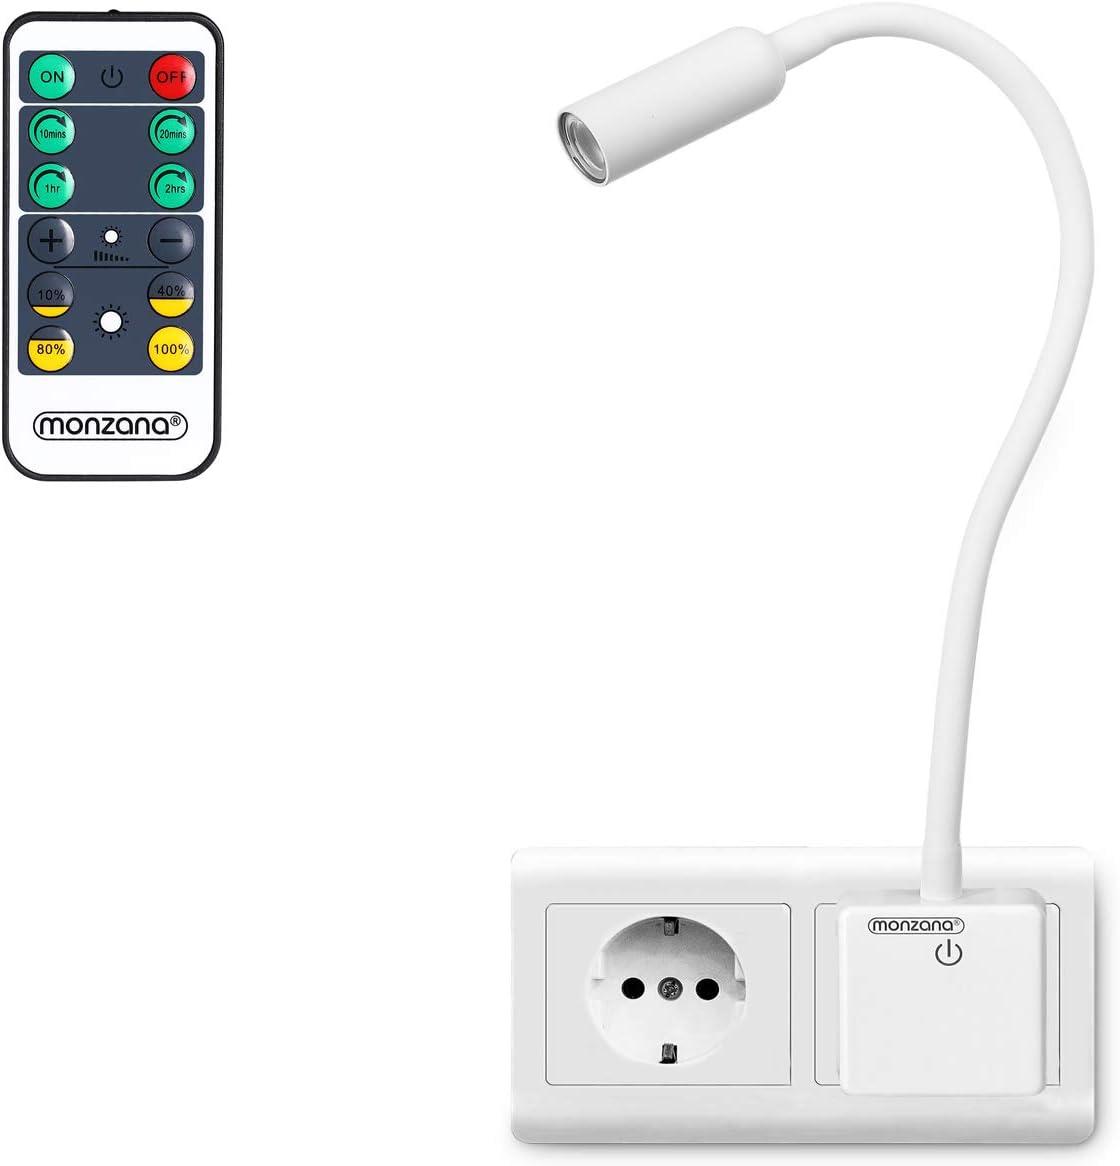 Monzana LED Steckerlampe 48cm Steckdosenlampe Steckerleuchte 5000K Touchschalter dimmbar Schreibtischlampe Fernbedienung